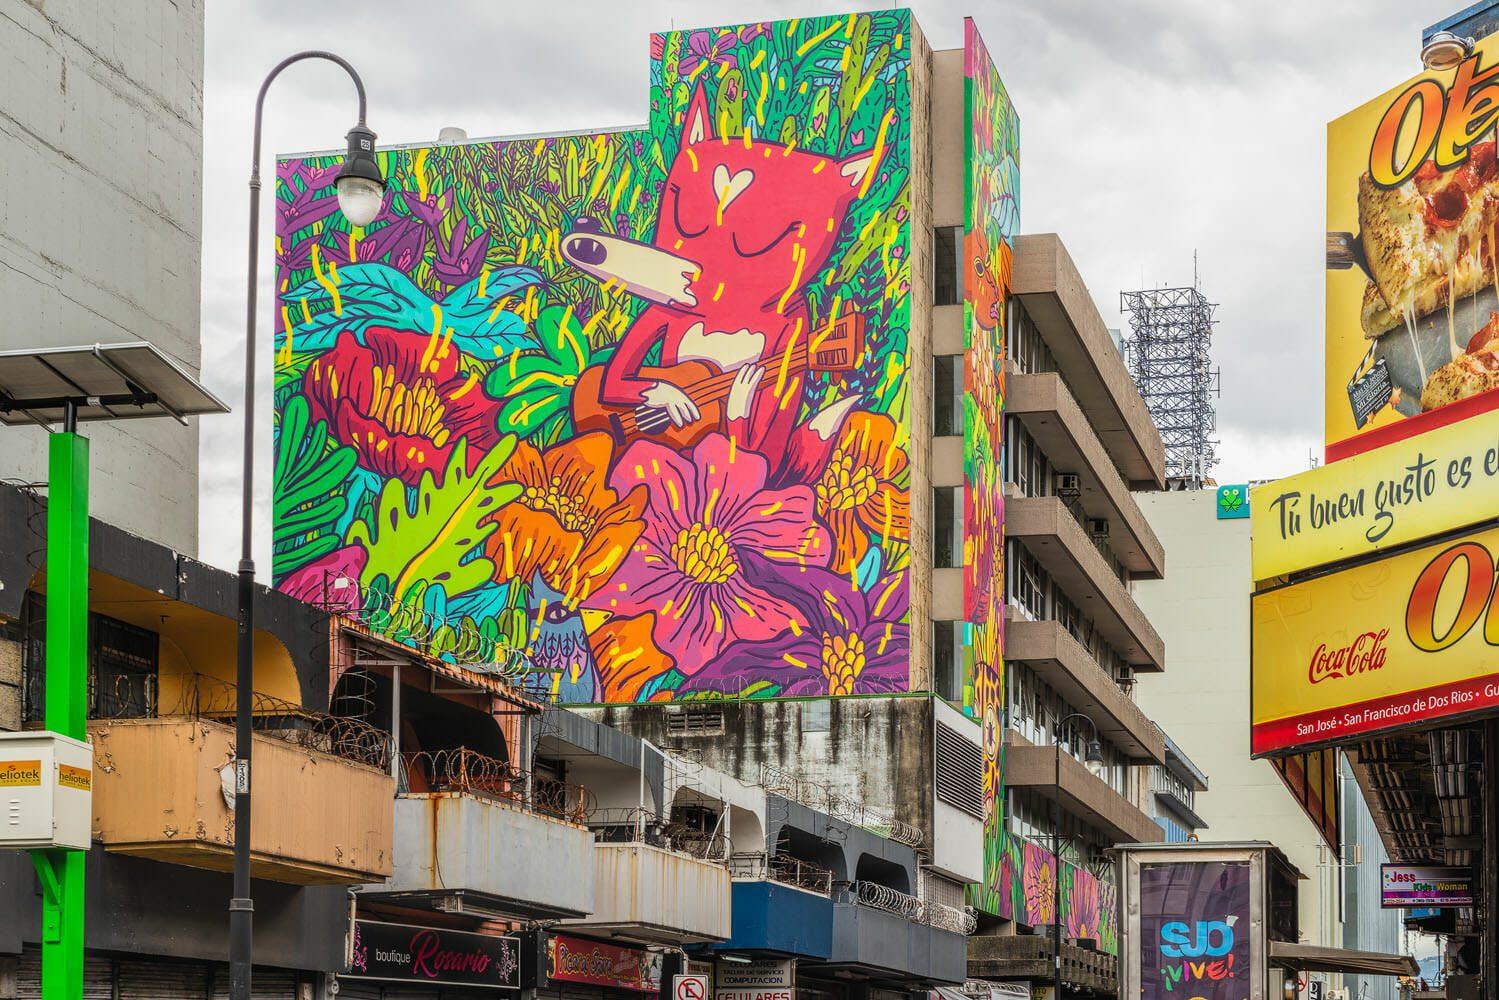 Mural Florecer Alde building downtown San José